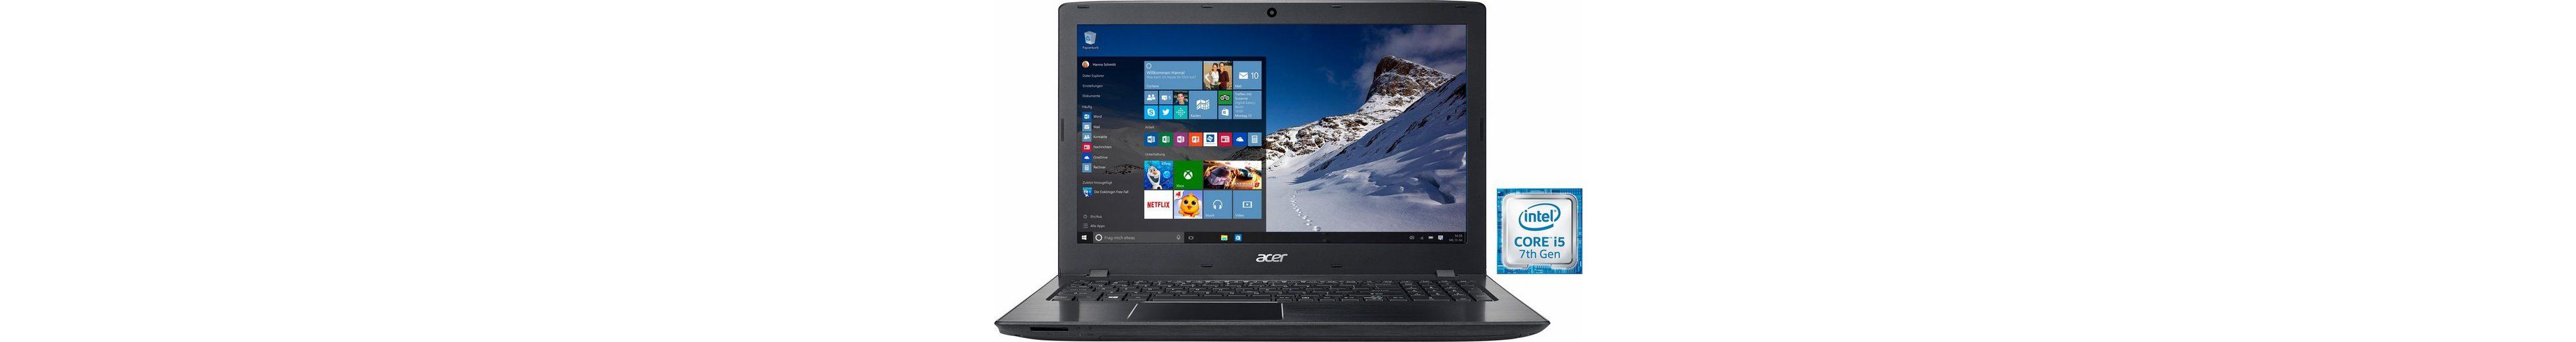 Acer Aspire E15 (E5-575G-59HQ) Notebook, Intel® Core™ i5, 39,6 cm (15,6 Zoll), 1256 GB Speicher